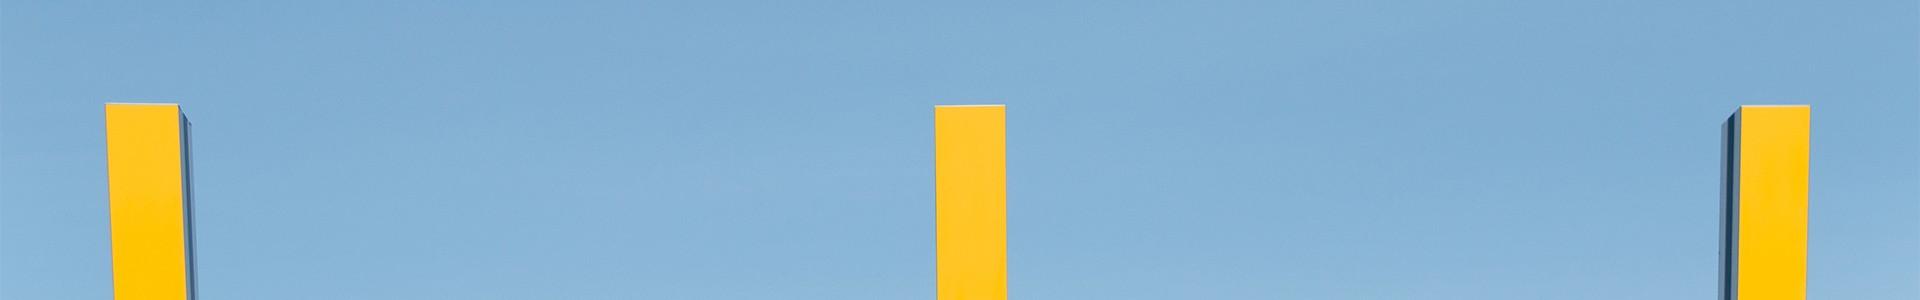 La grande diagonale de Daniel Buren  à Istres